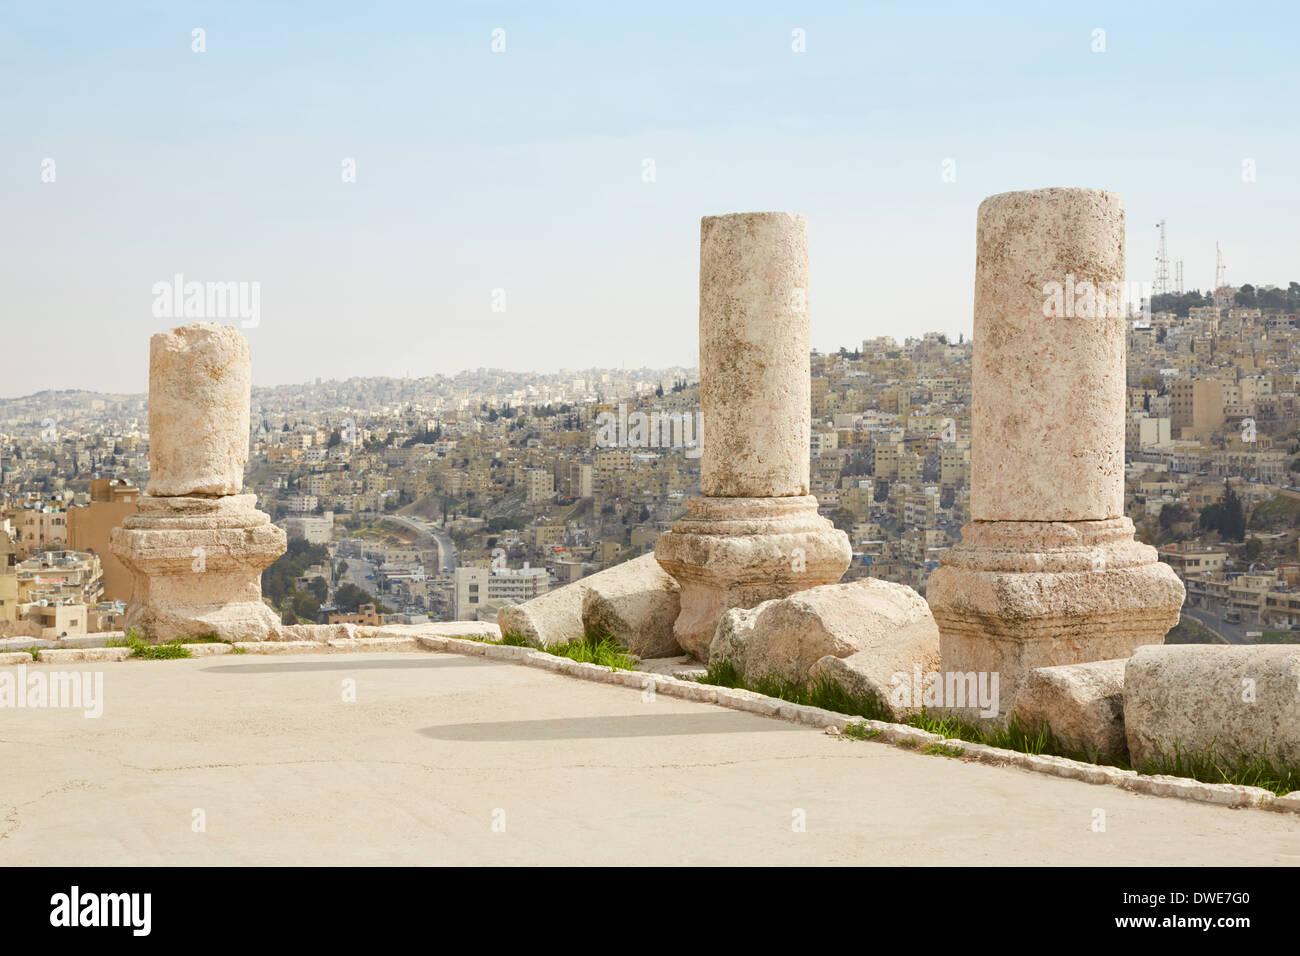 Columnas en la ciudadela de Ammán, Jordania, vistas a la ciudad. Imagen De Stock